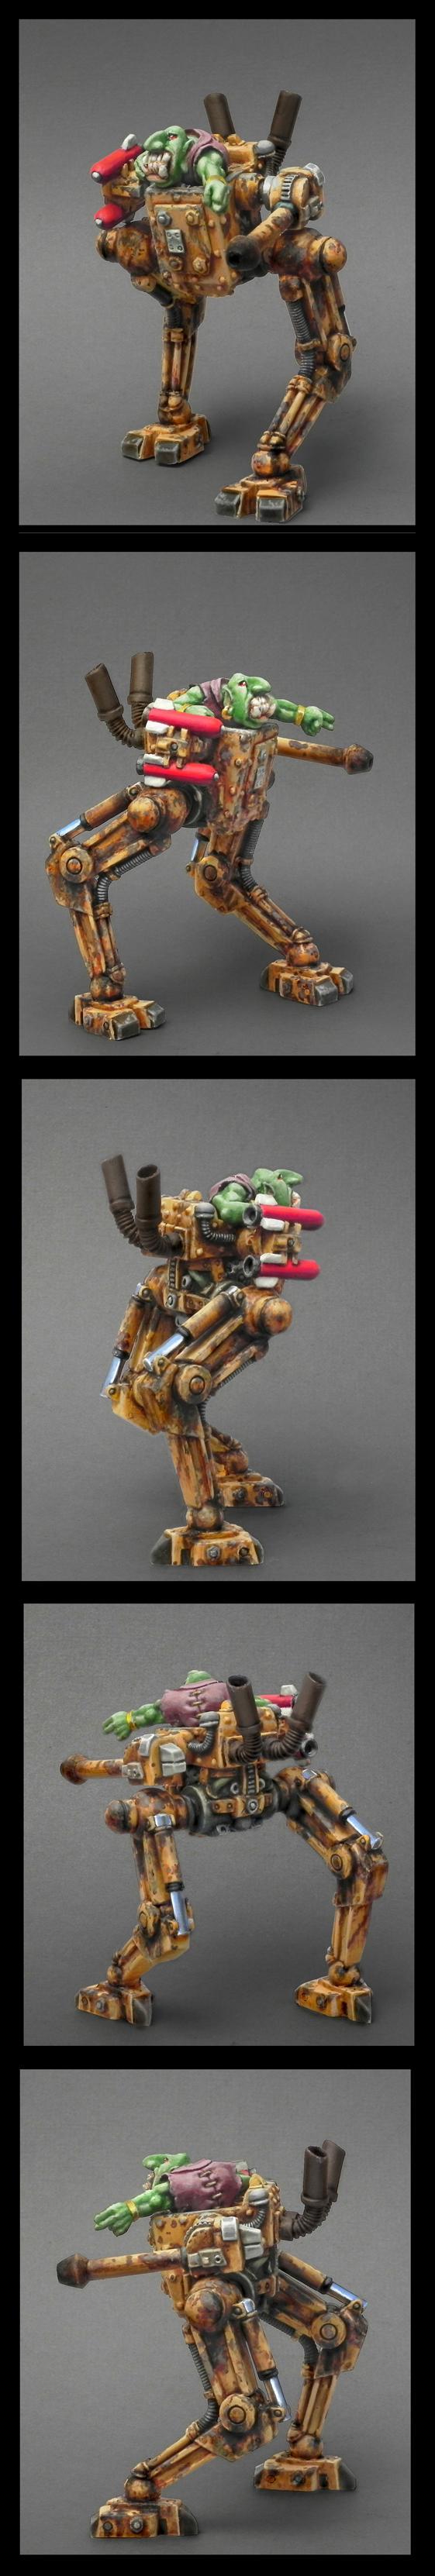 Grot Bot, Grot Bot